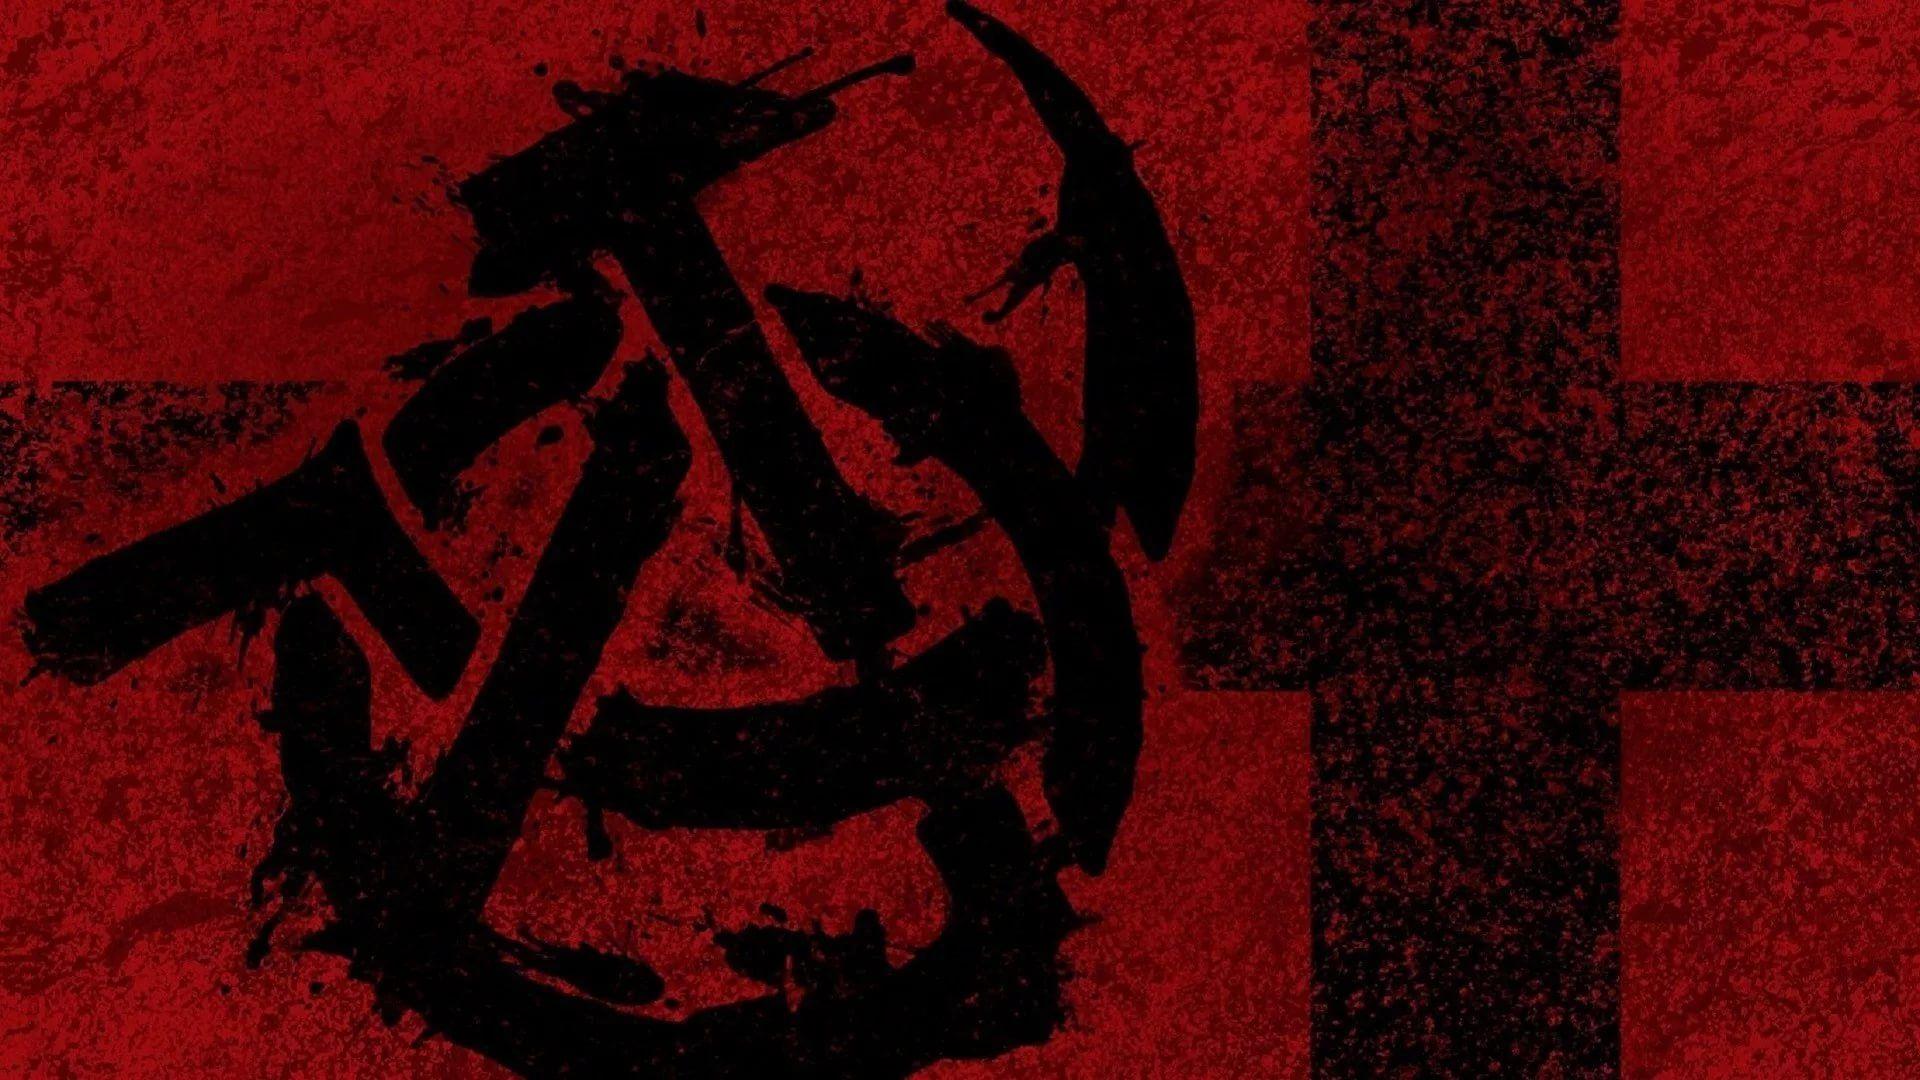 Communism desktop wallpaper